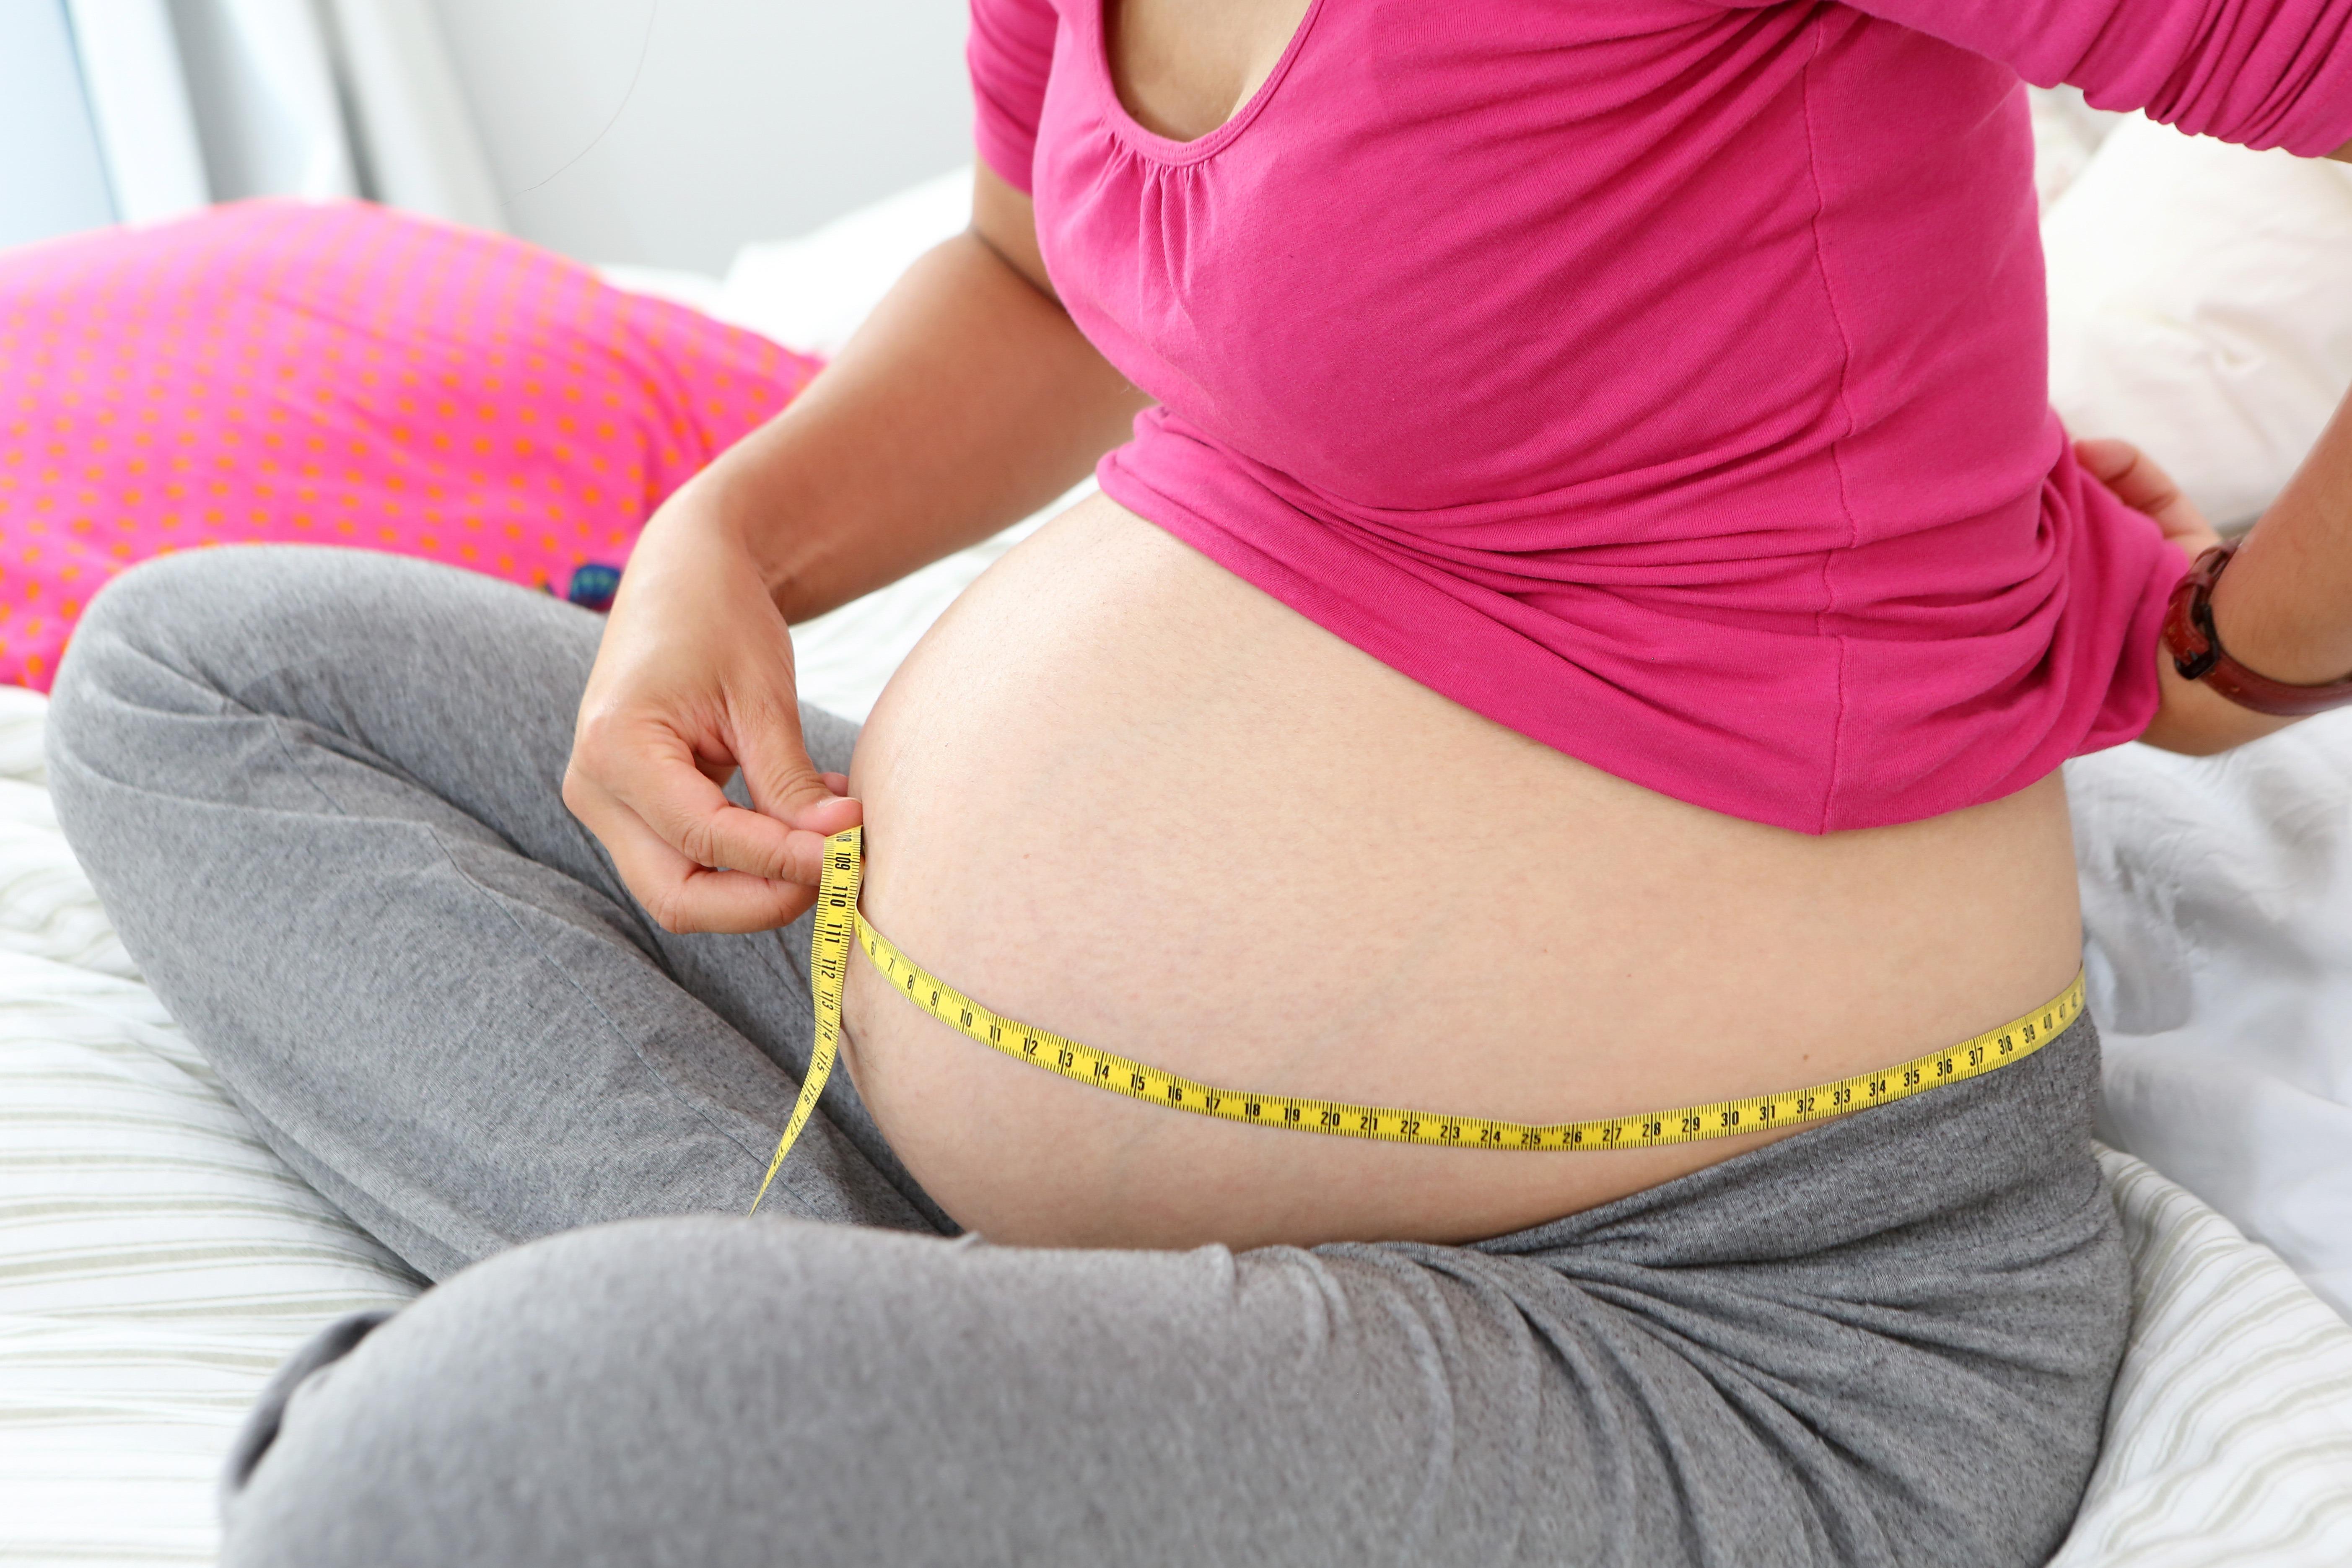 hogyan lehet elveszíteni a hasi kövér nők egészségét